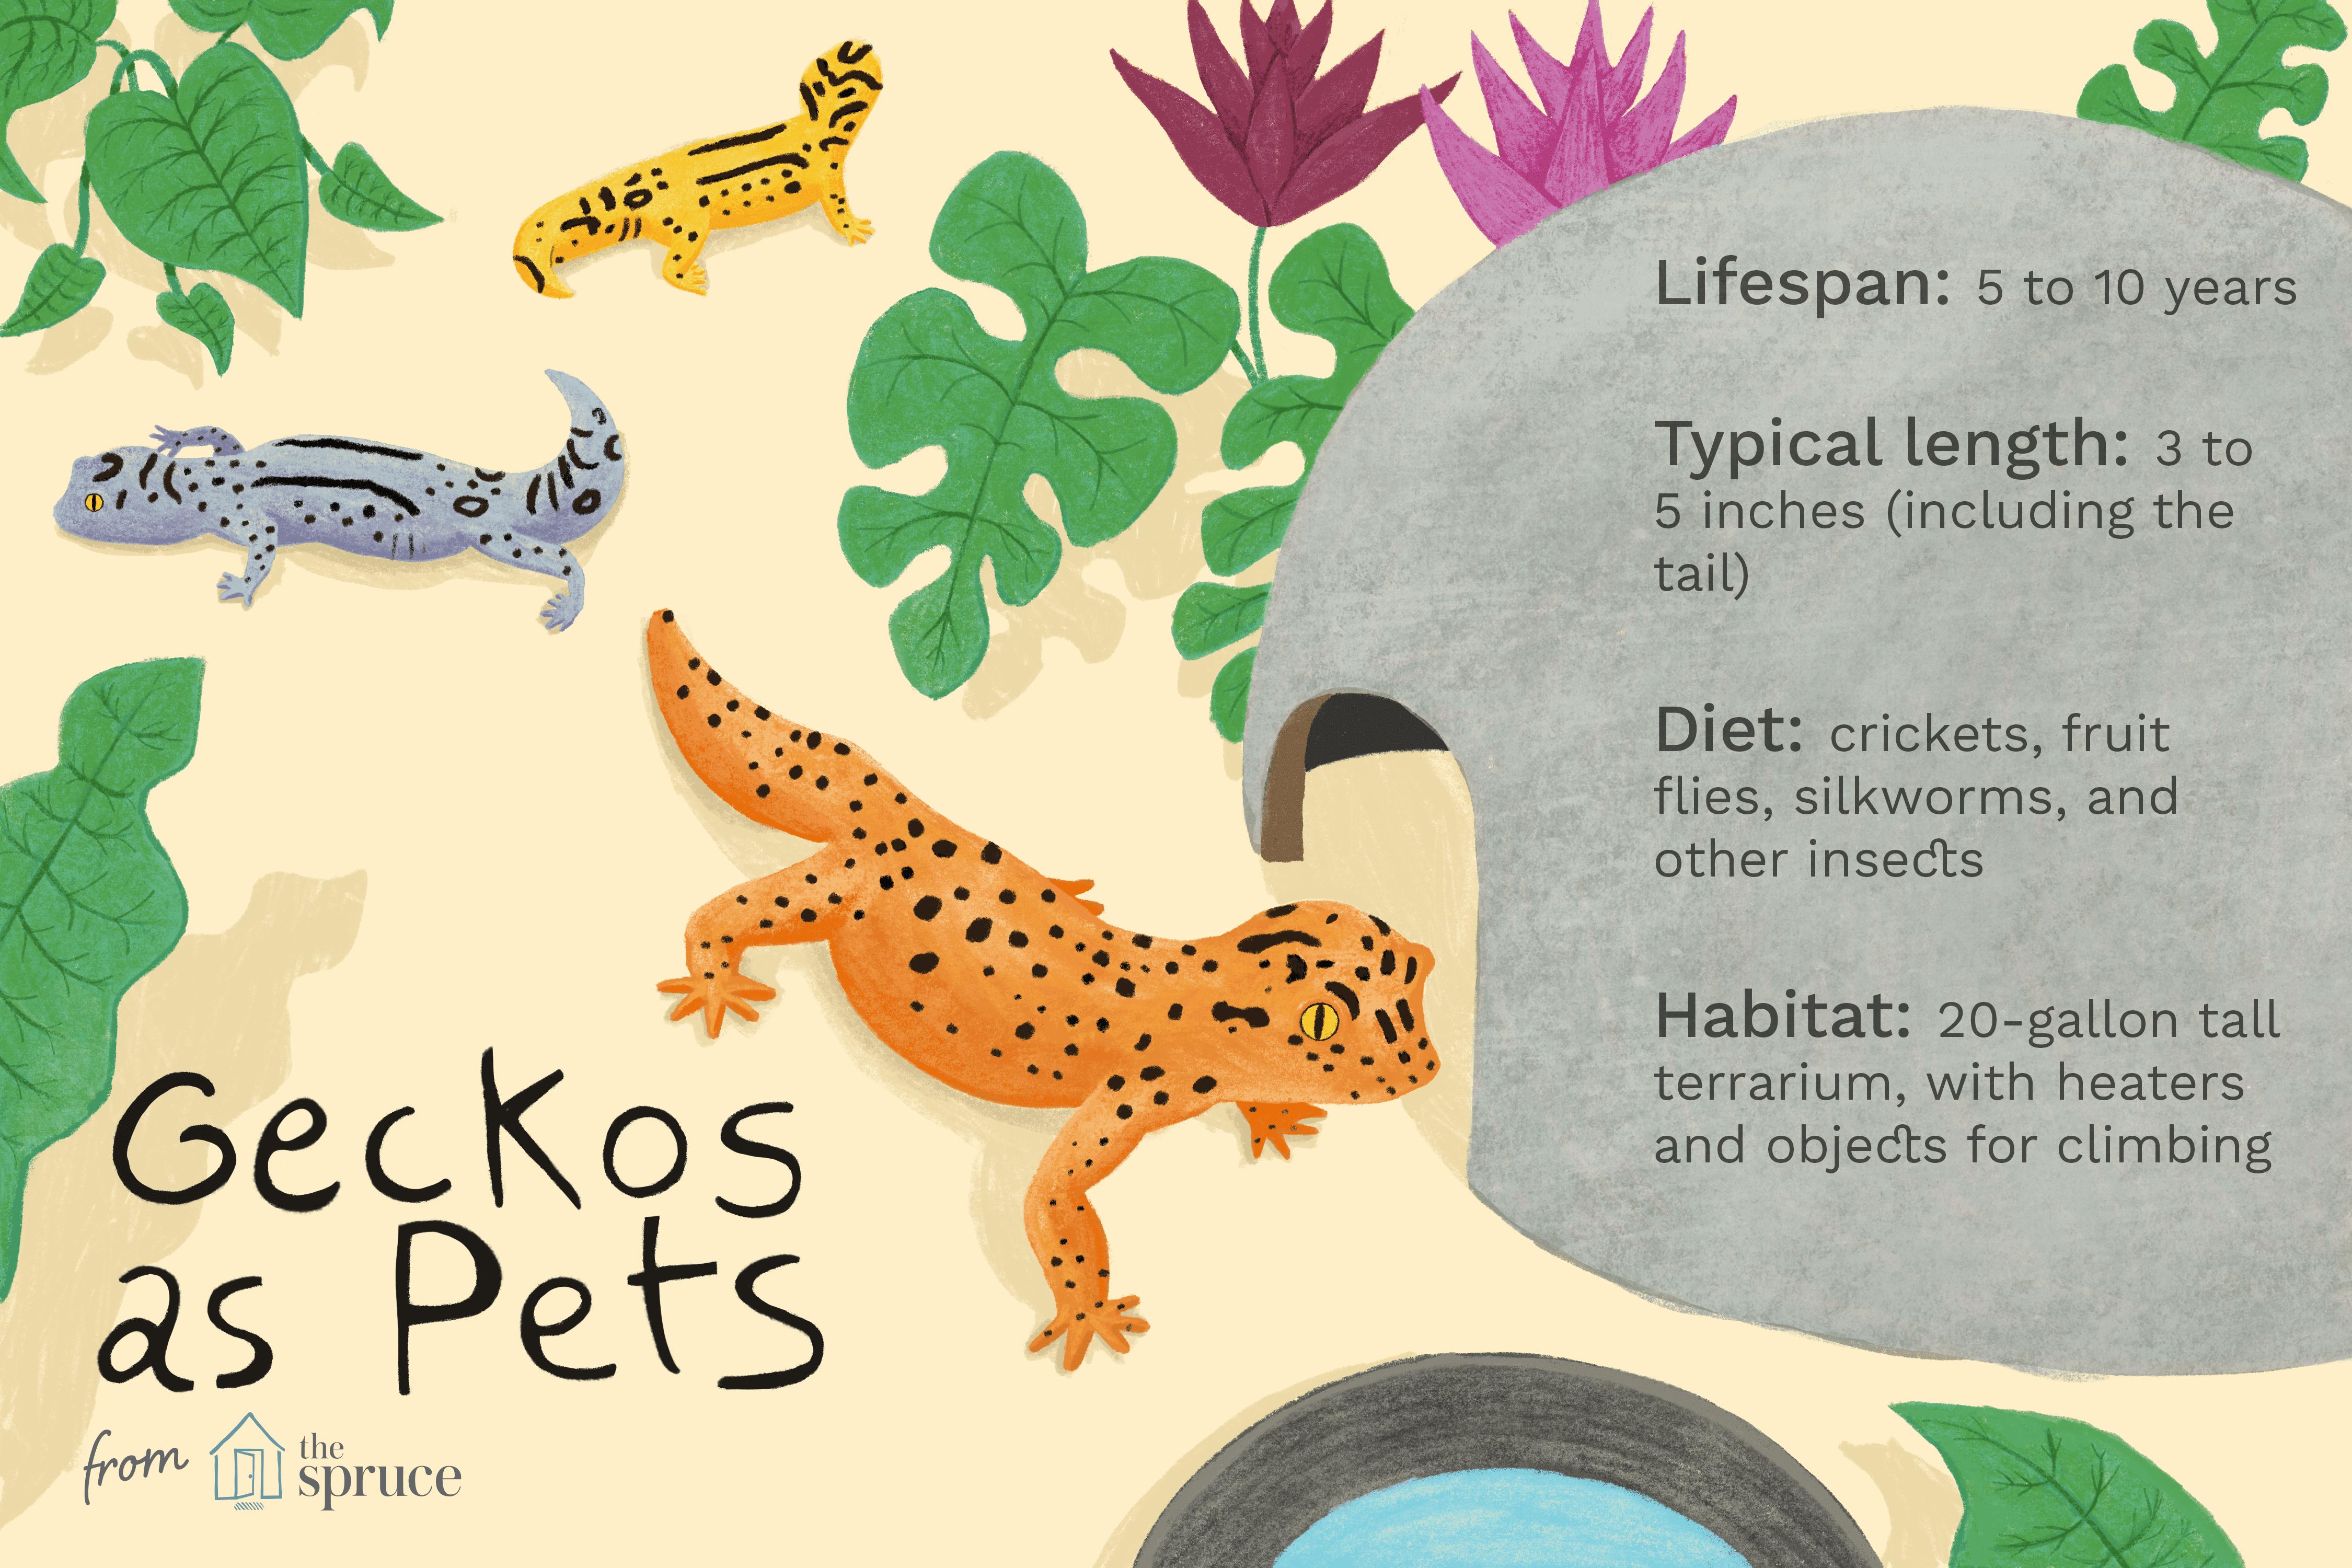 Ilustración sobre geckos como mascotas